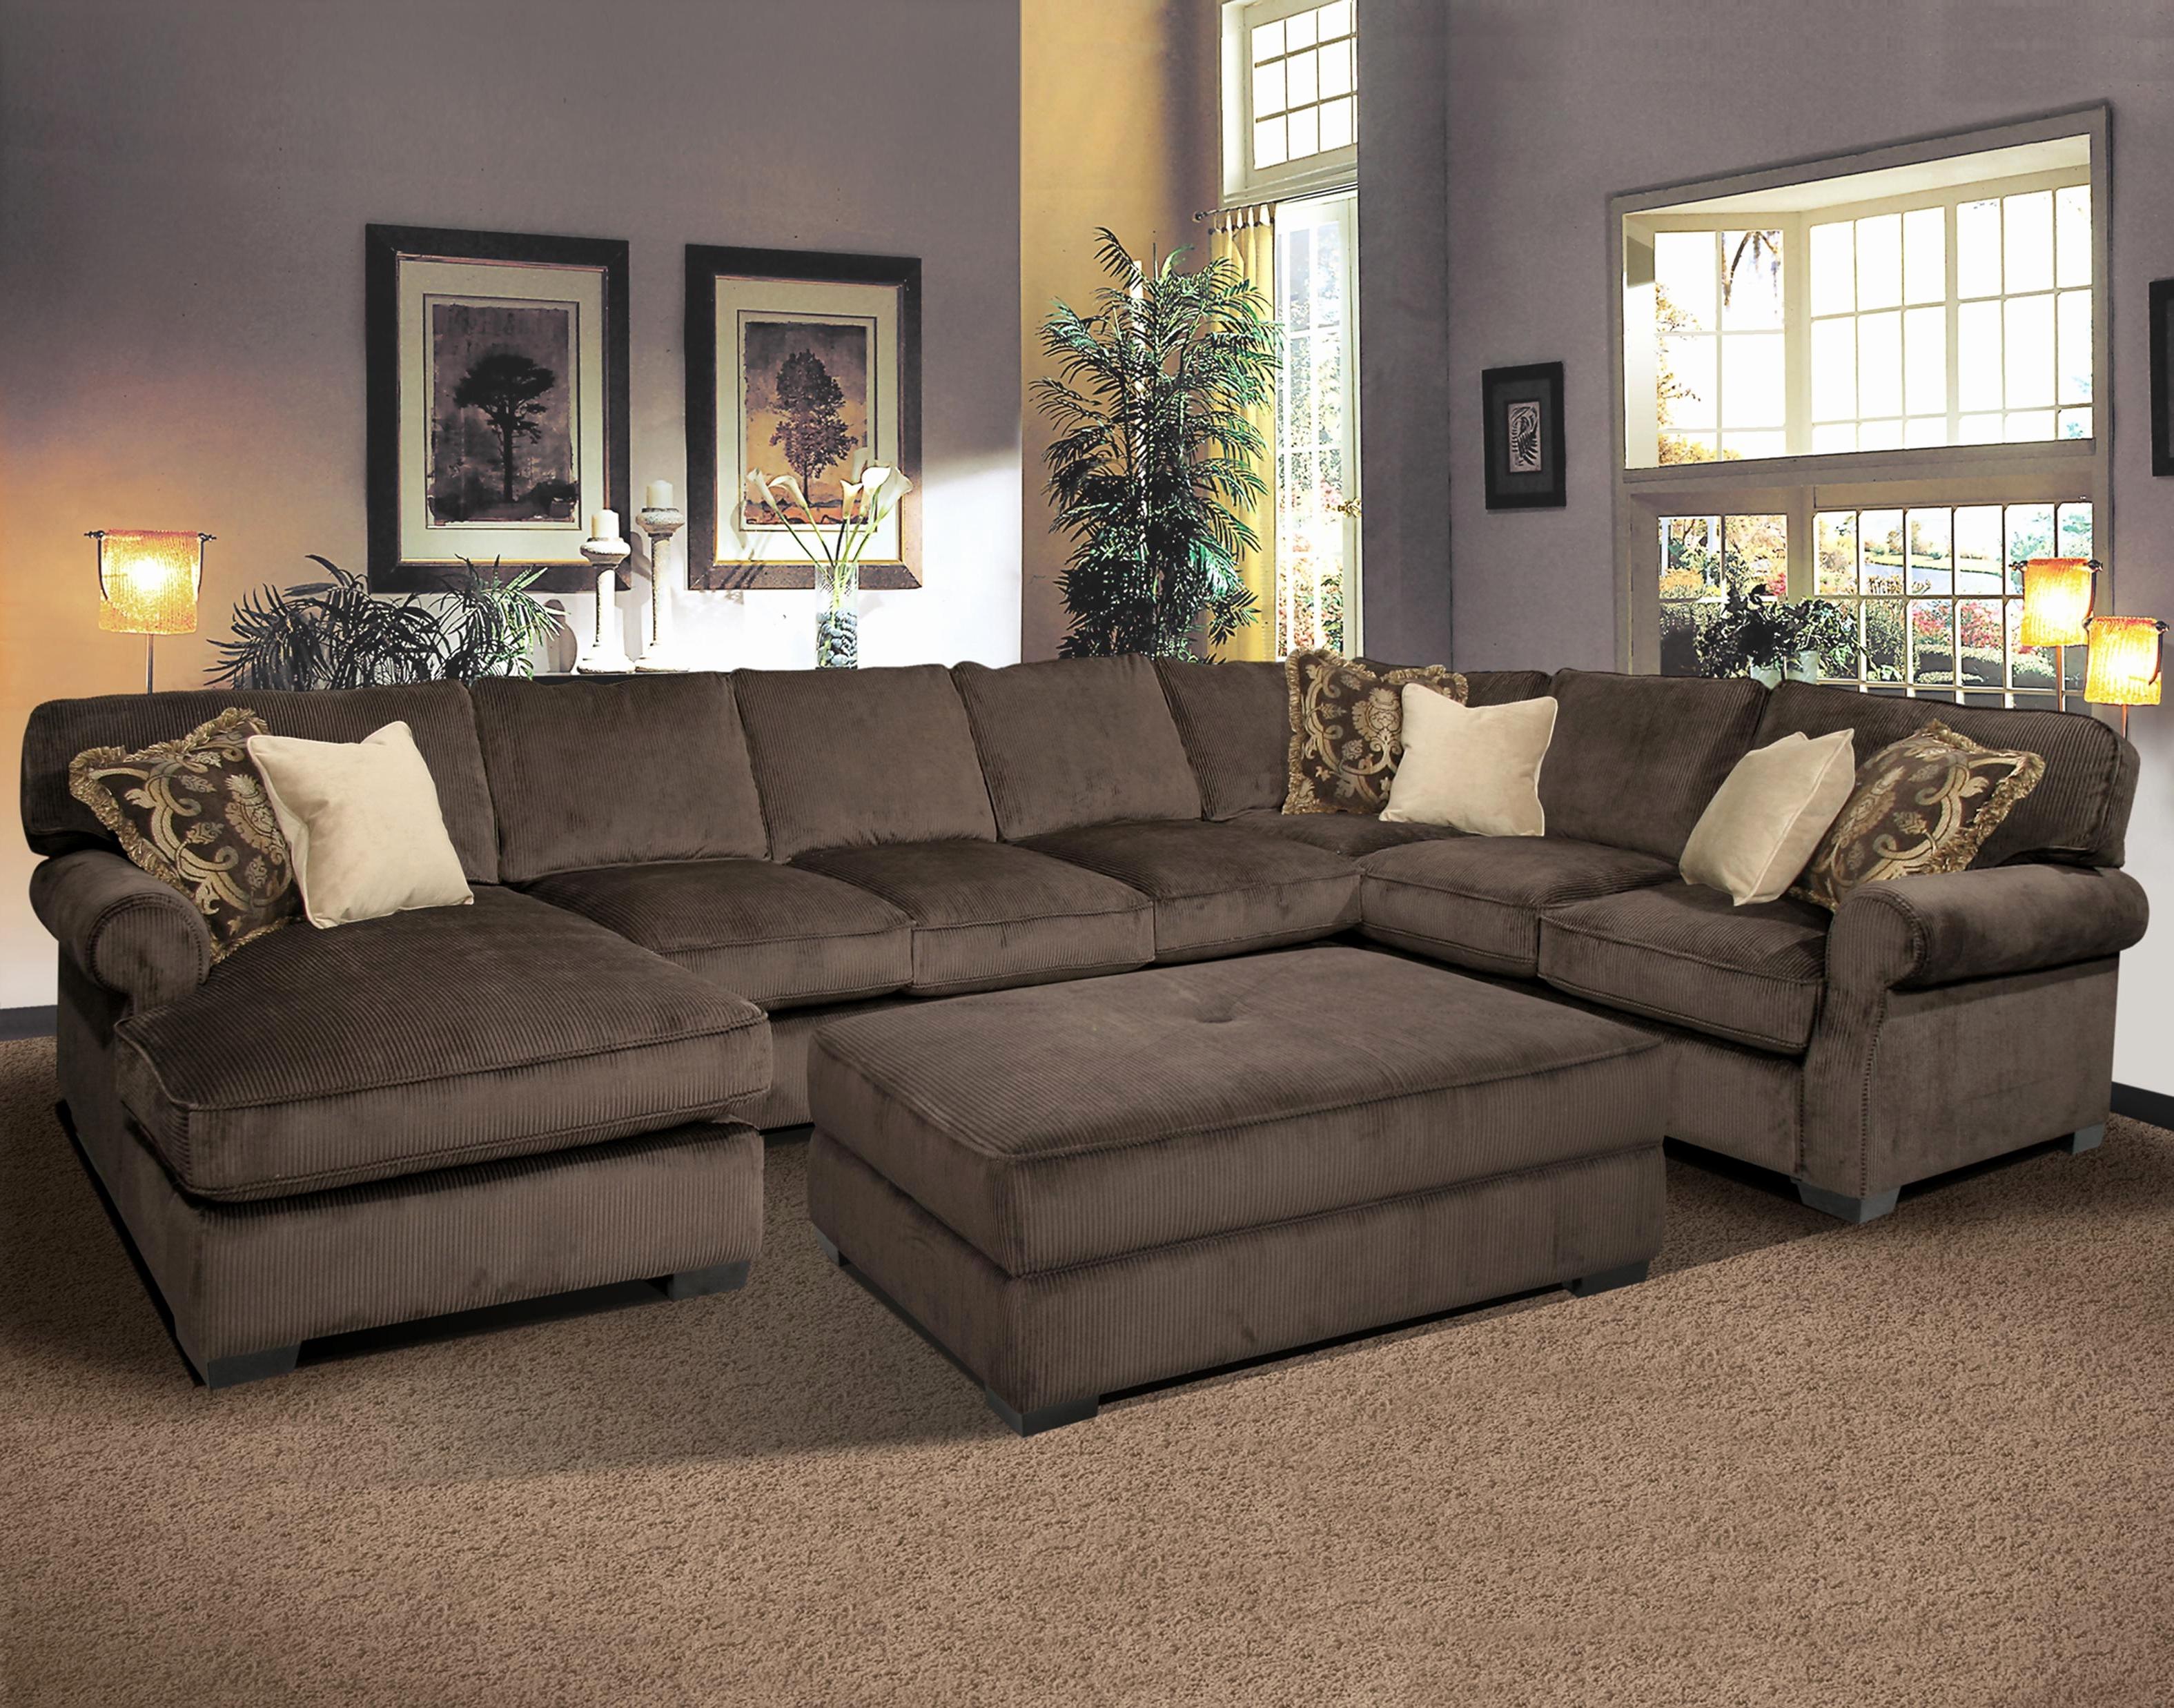 Popular Sofas : Corner Sofa 2 Seater Sofa Quality Sofa Brands High Quality With Regard To Quality Sectional Sofas (View 9 of 15)